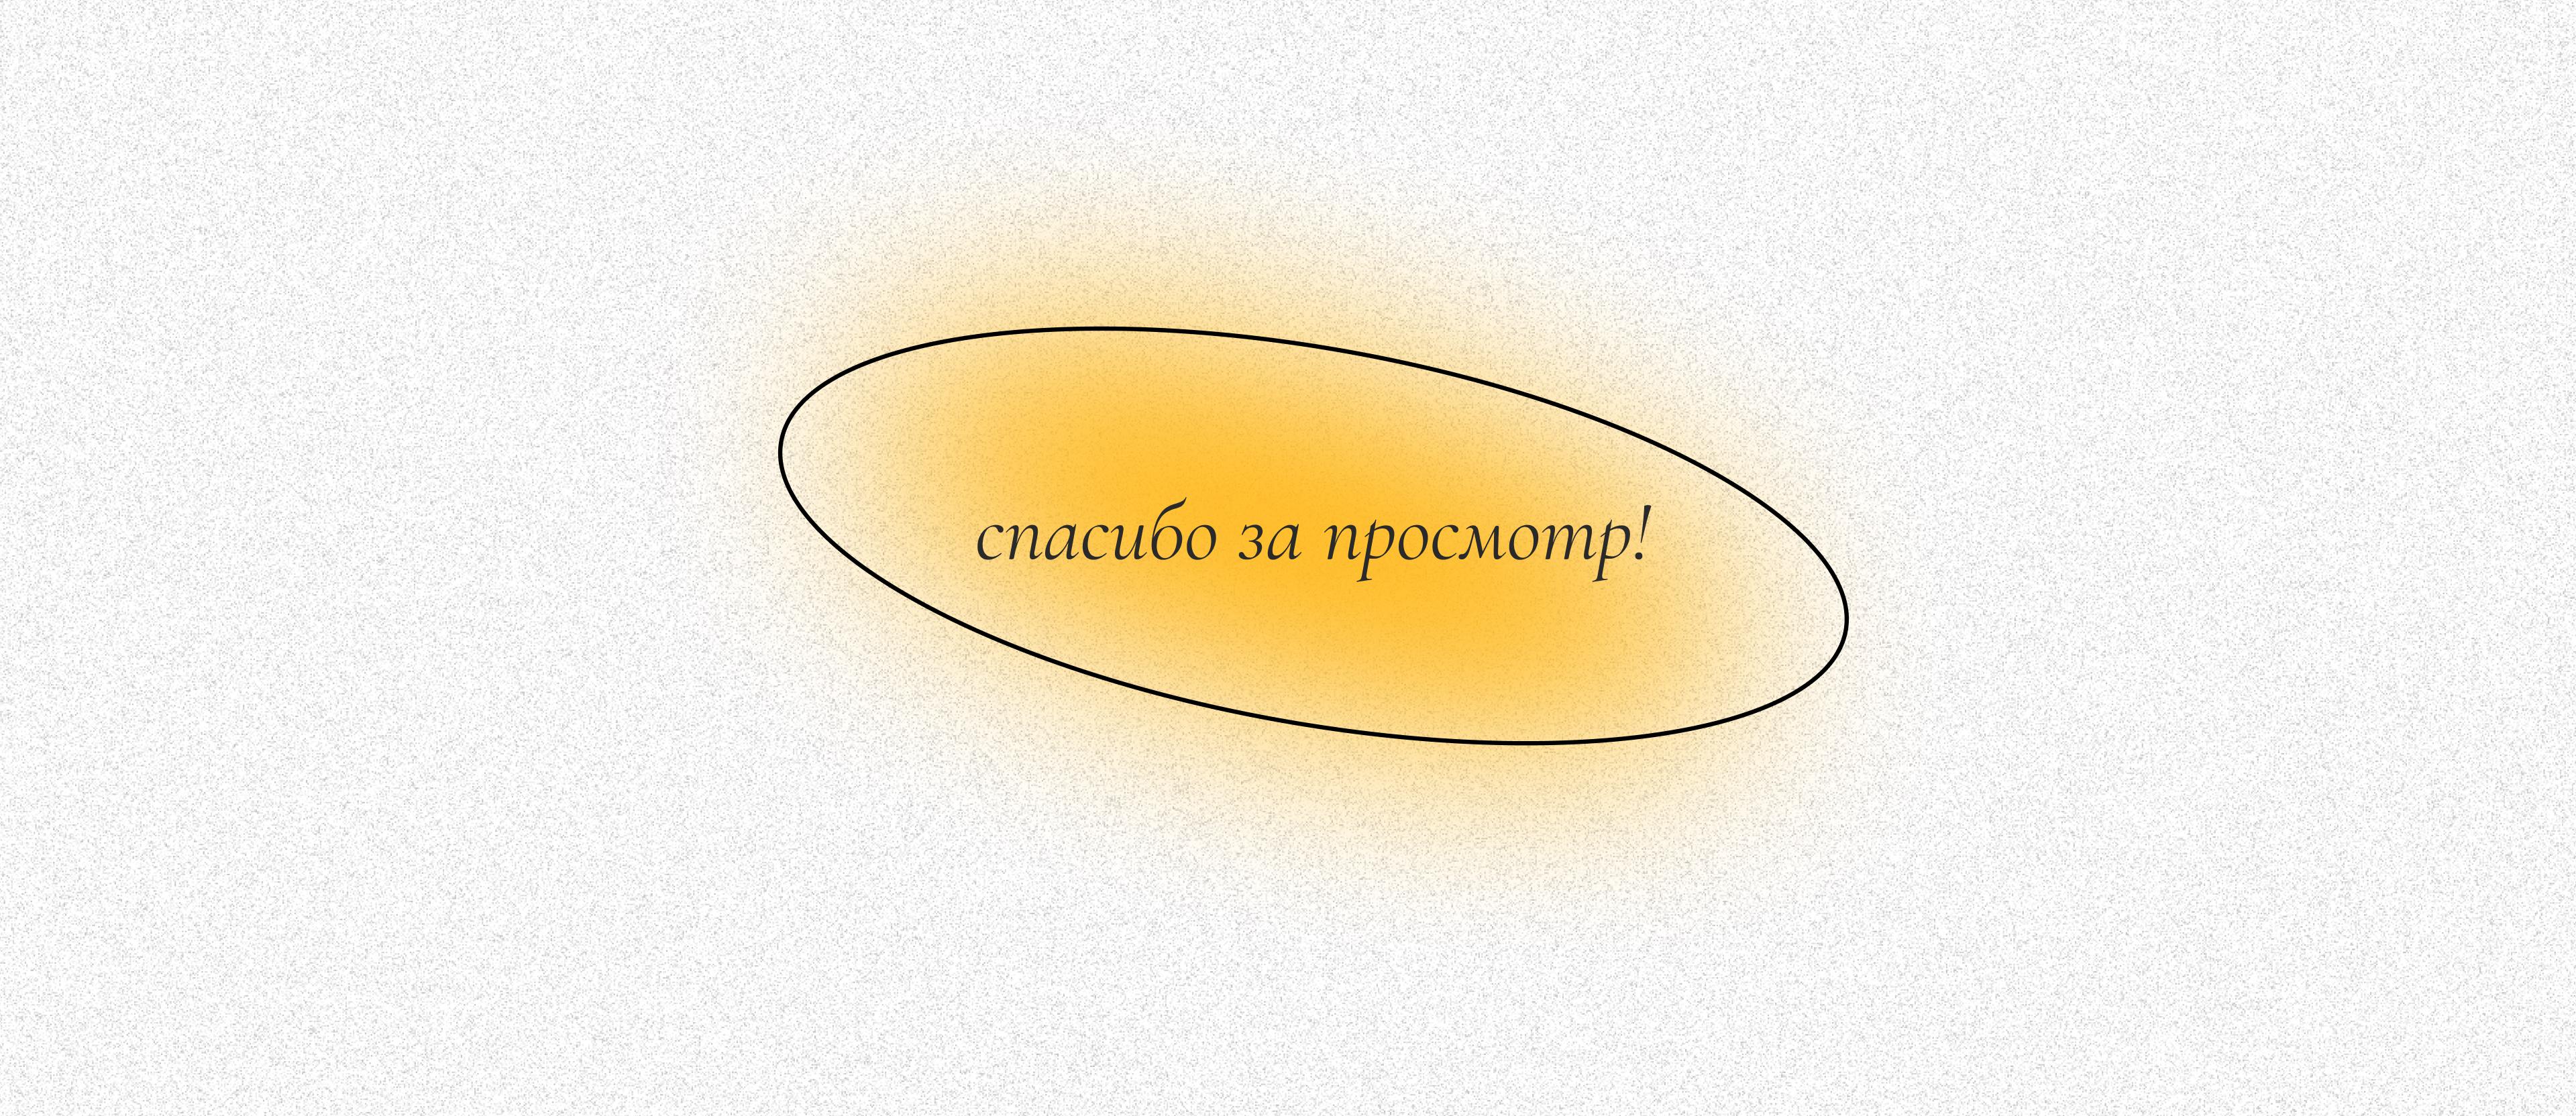 6146fb504c